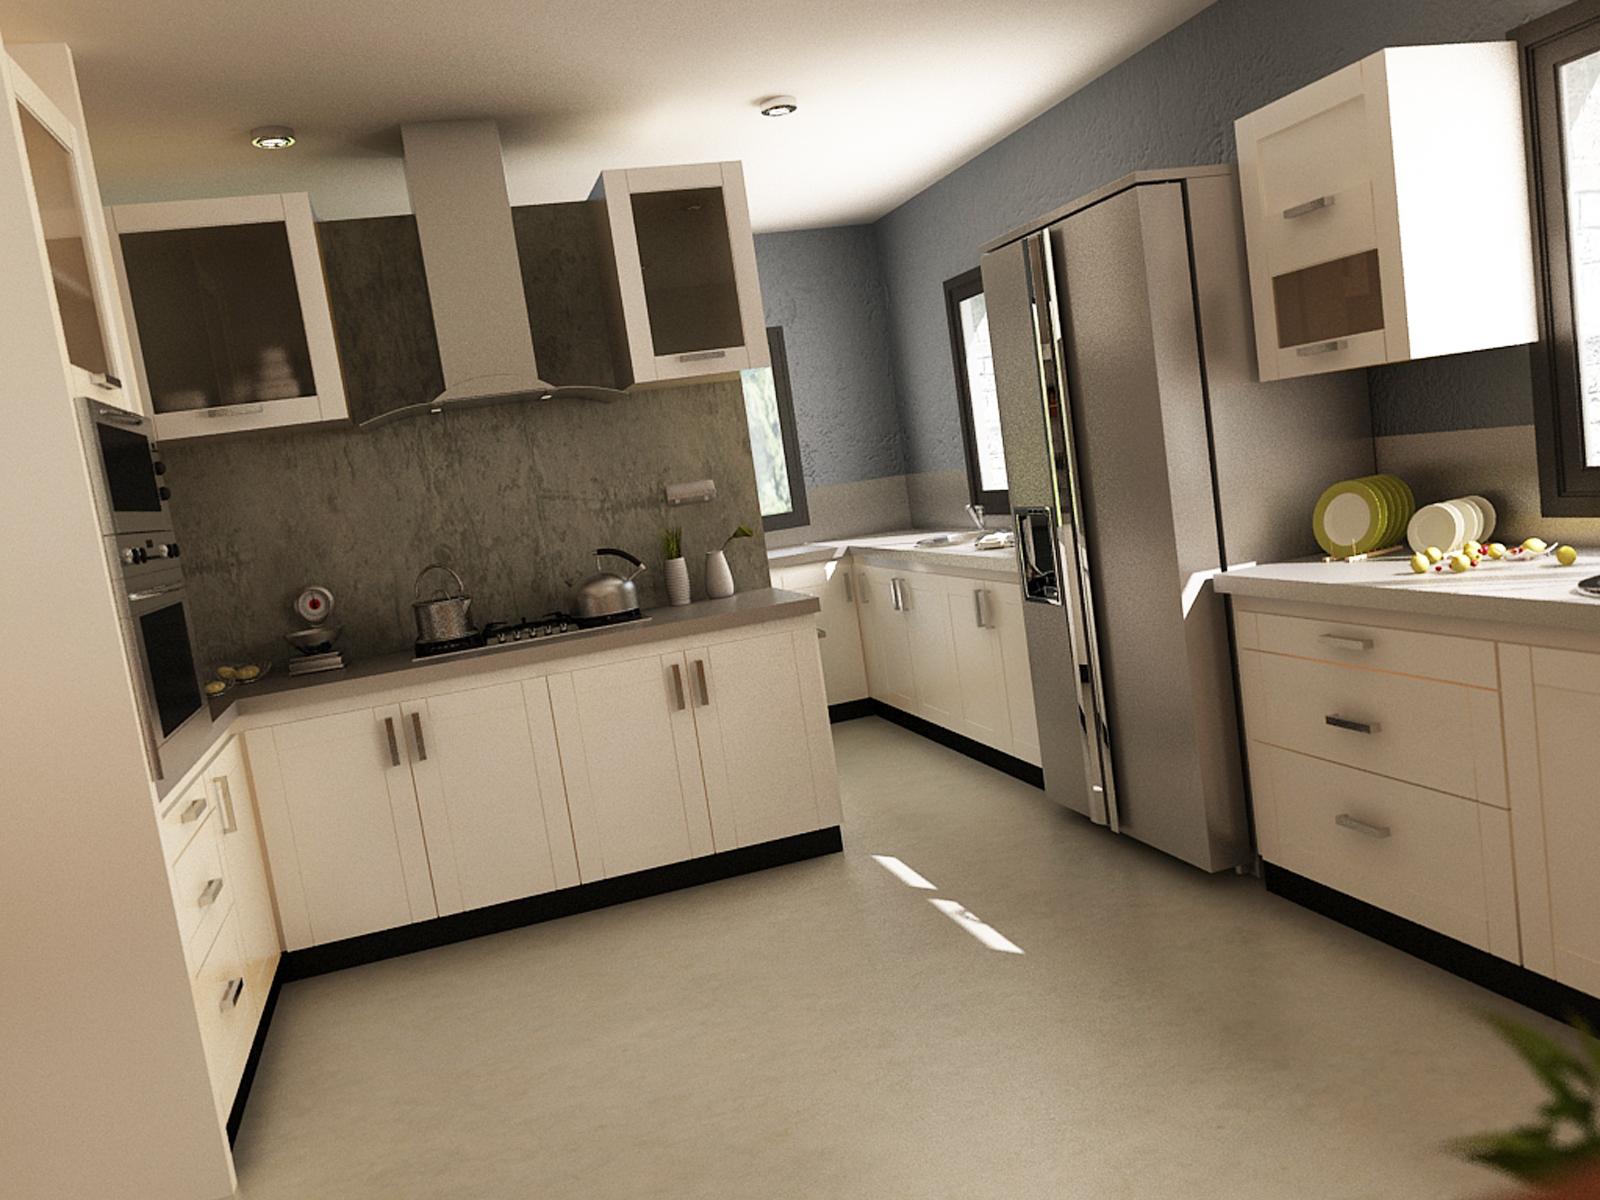 Vivienda en chacra cinco saltos fp3d for Remodelacion de cocinas